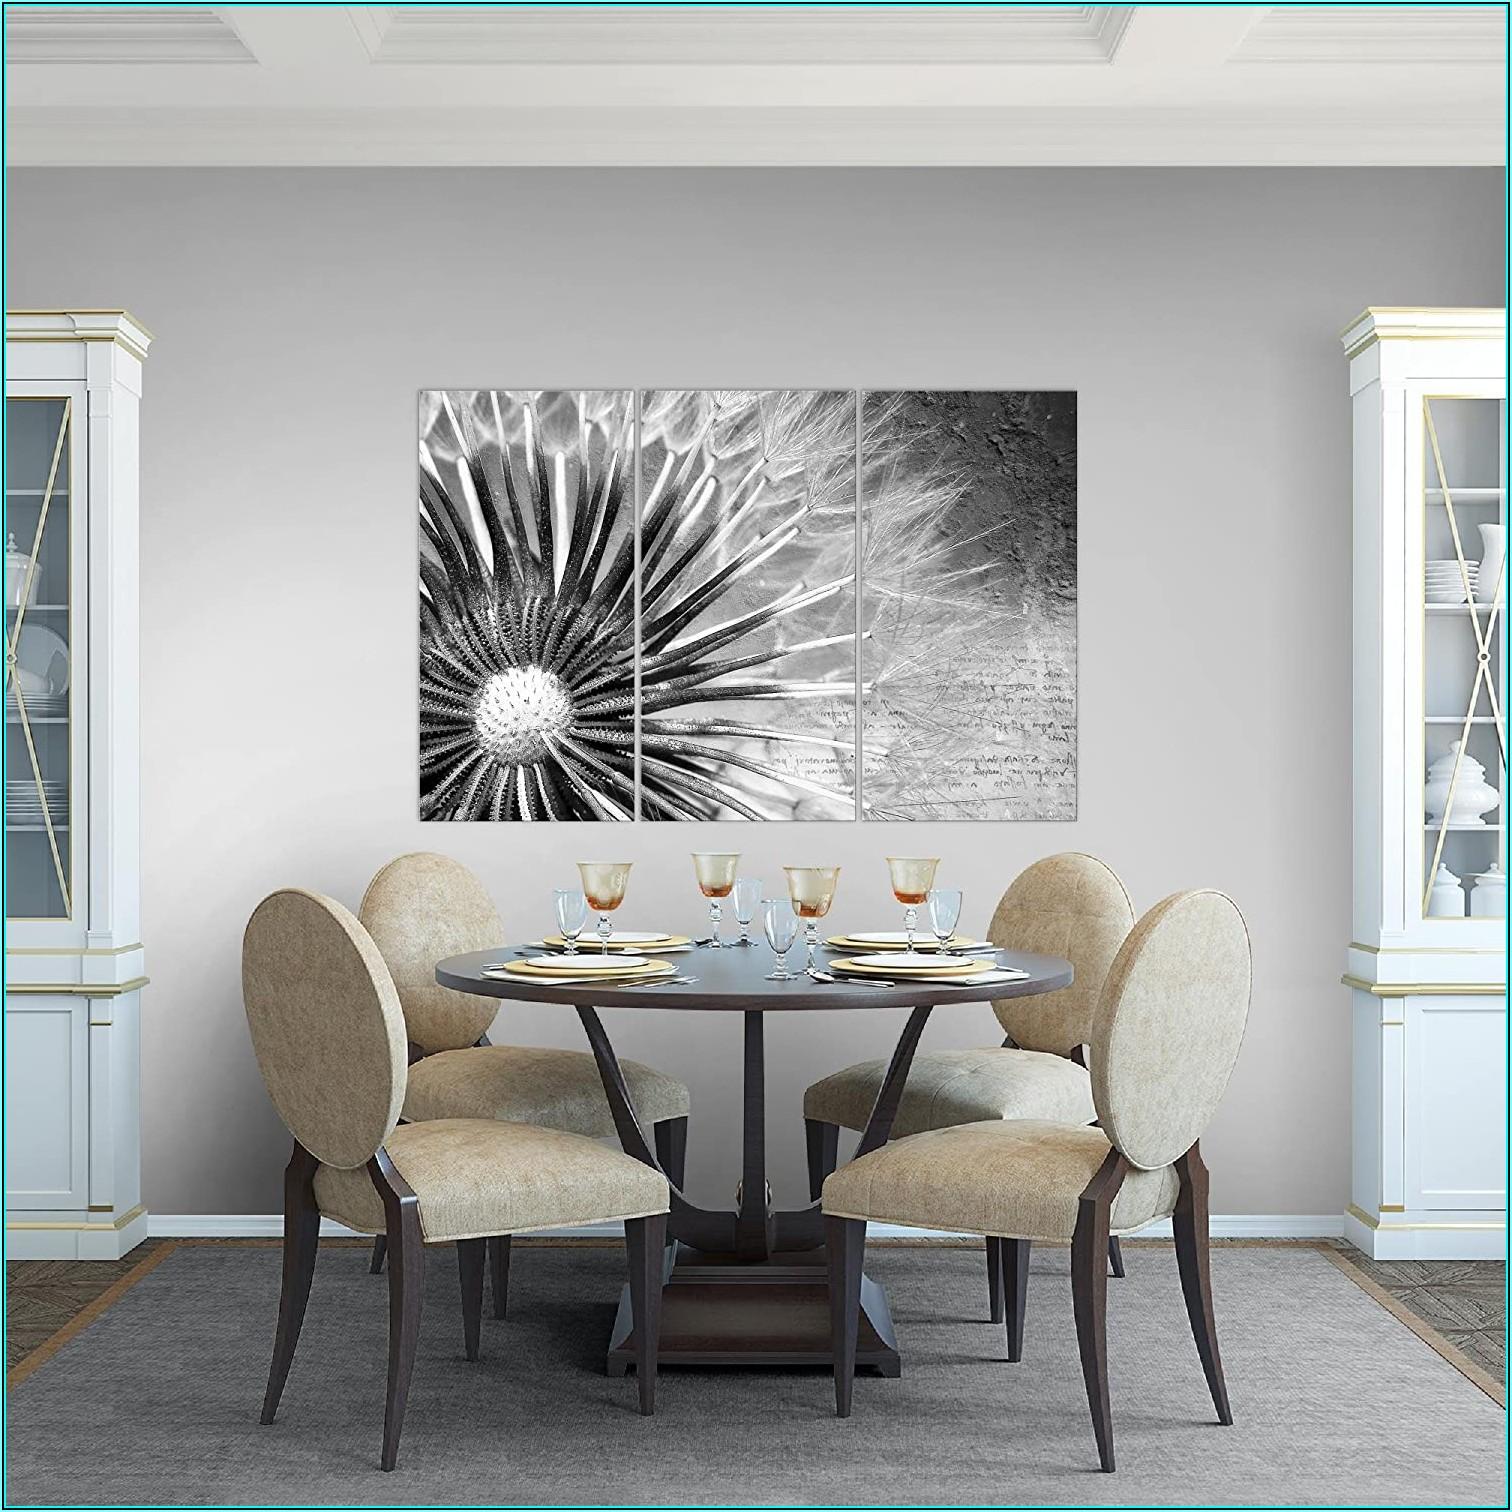 Bilder Set Wohnzimmer Schwarz Weiss